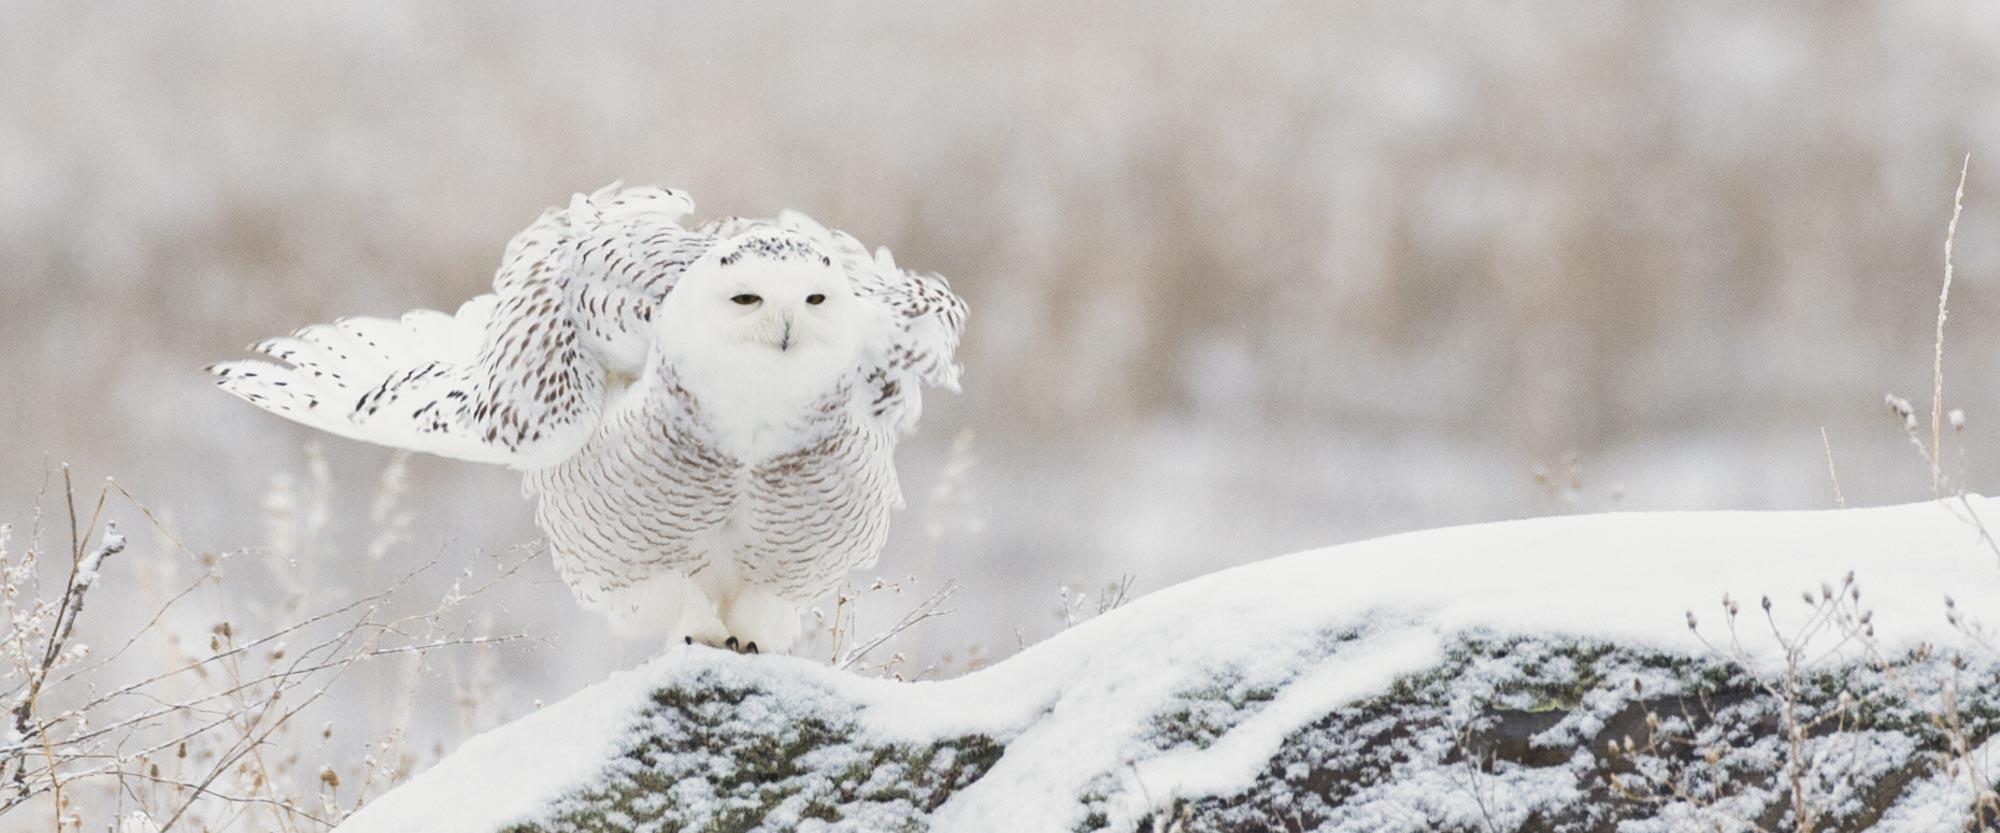 Snowy Owl Buffetting Wind Flathead Audubon Society